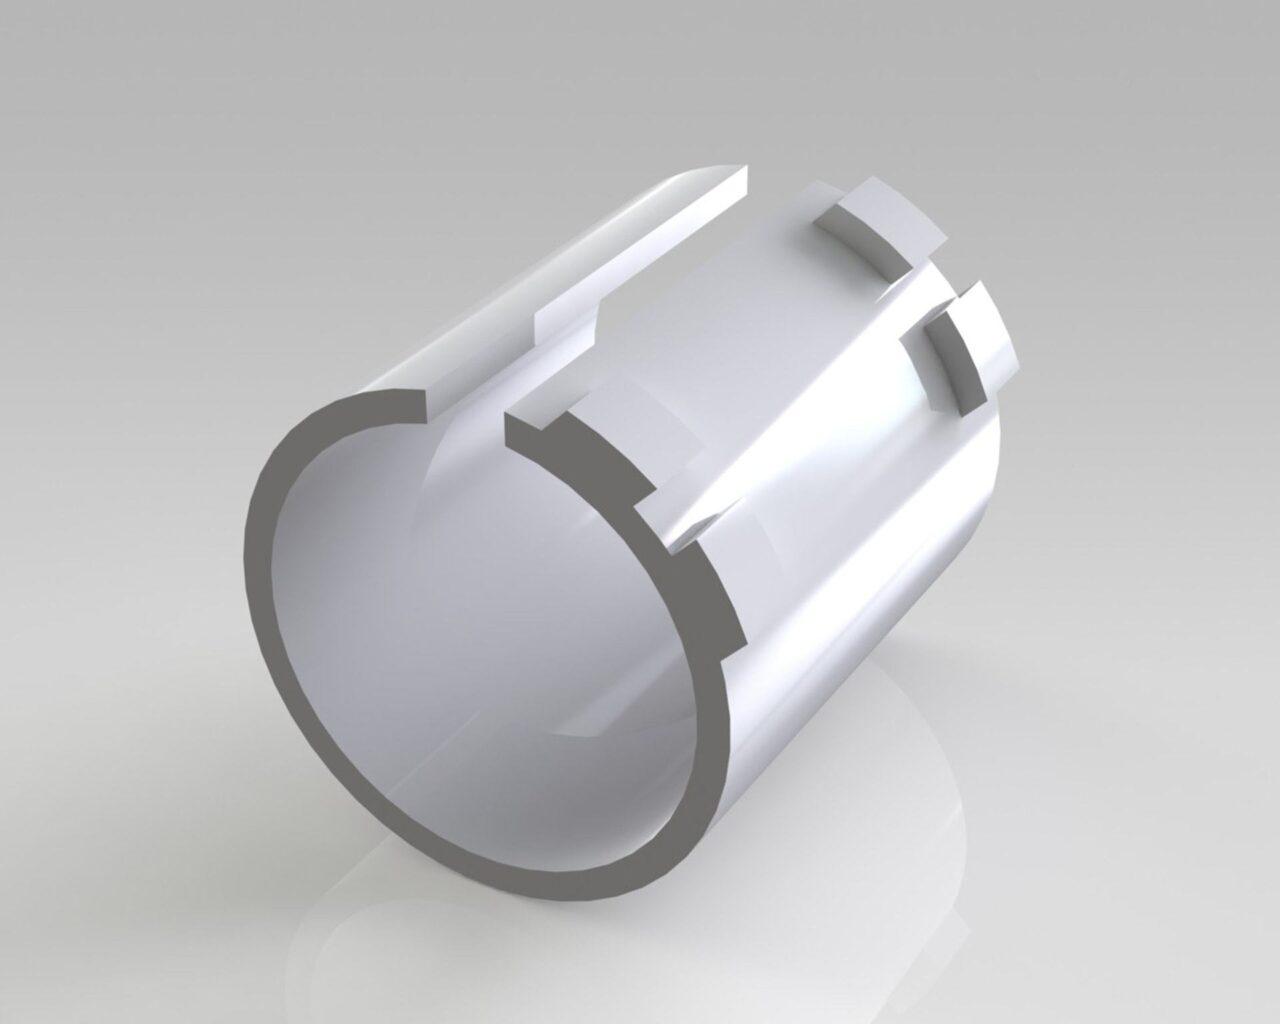 PEK3 Easytube Plastic Accessories GAP-12